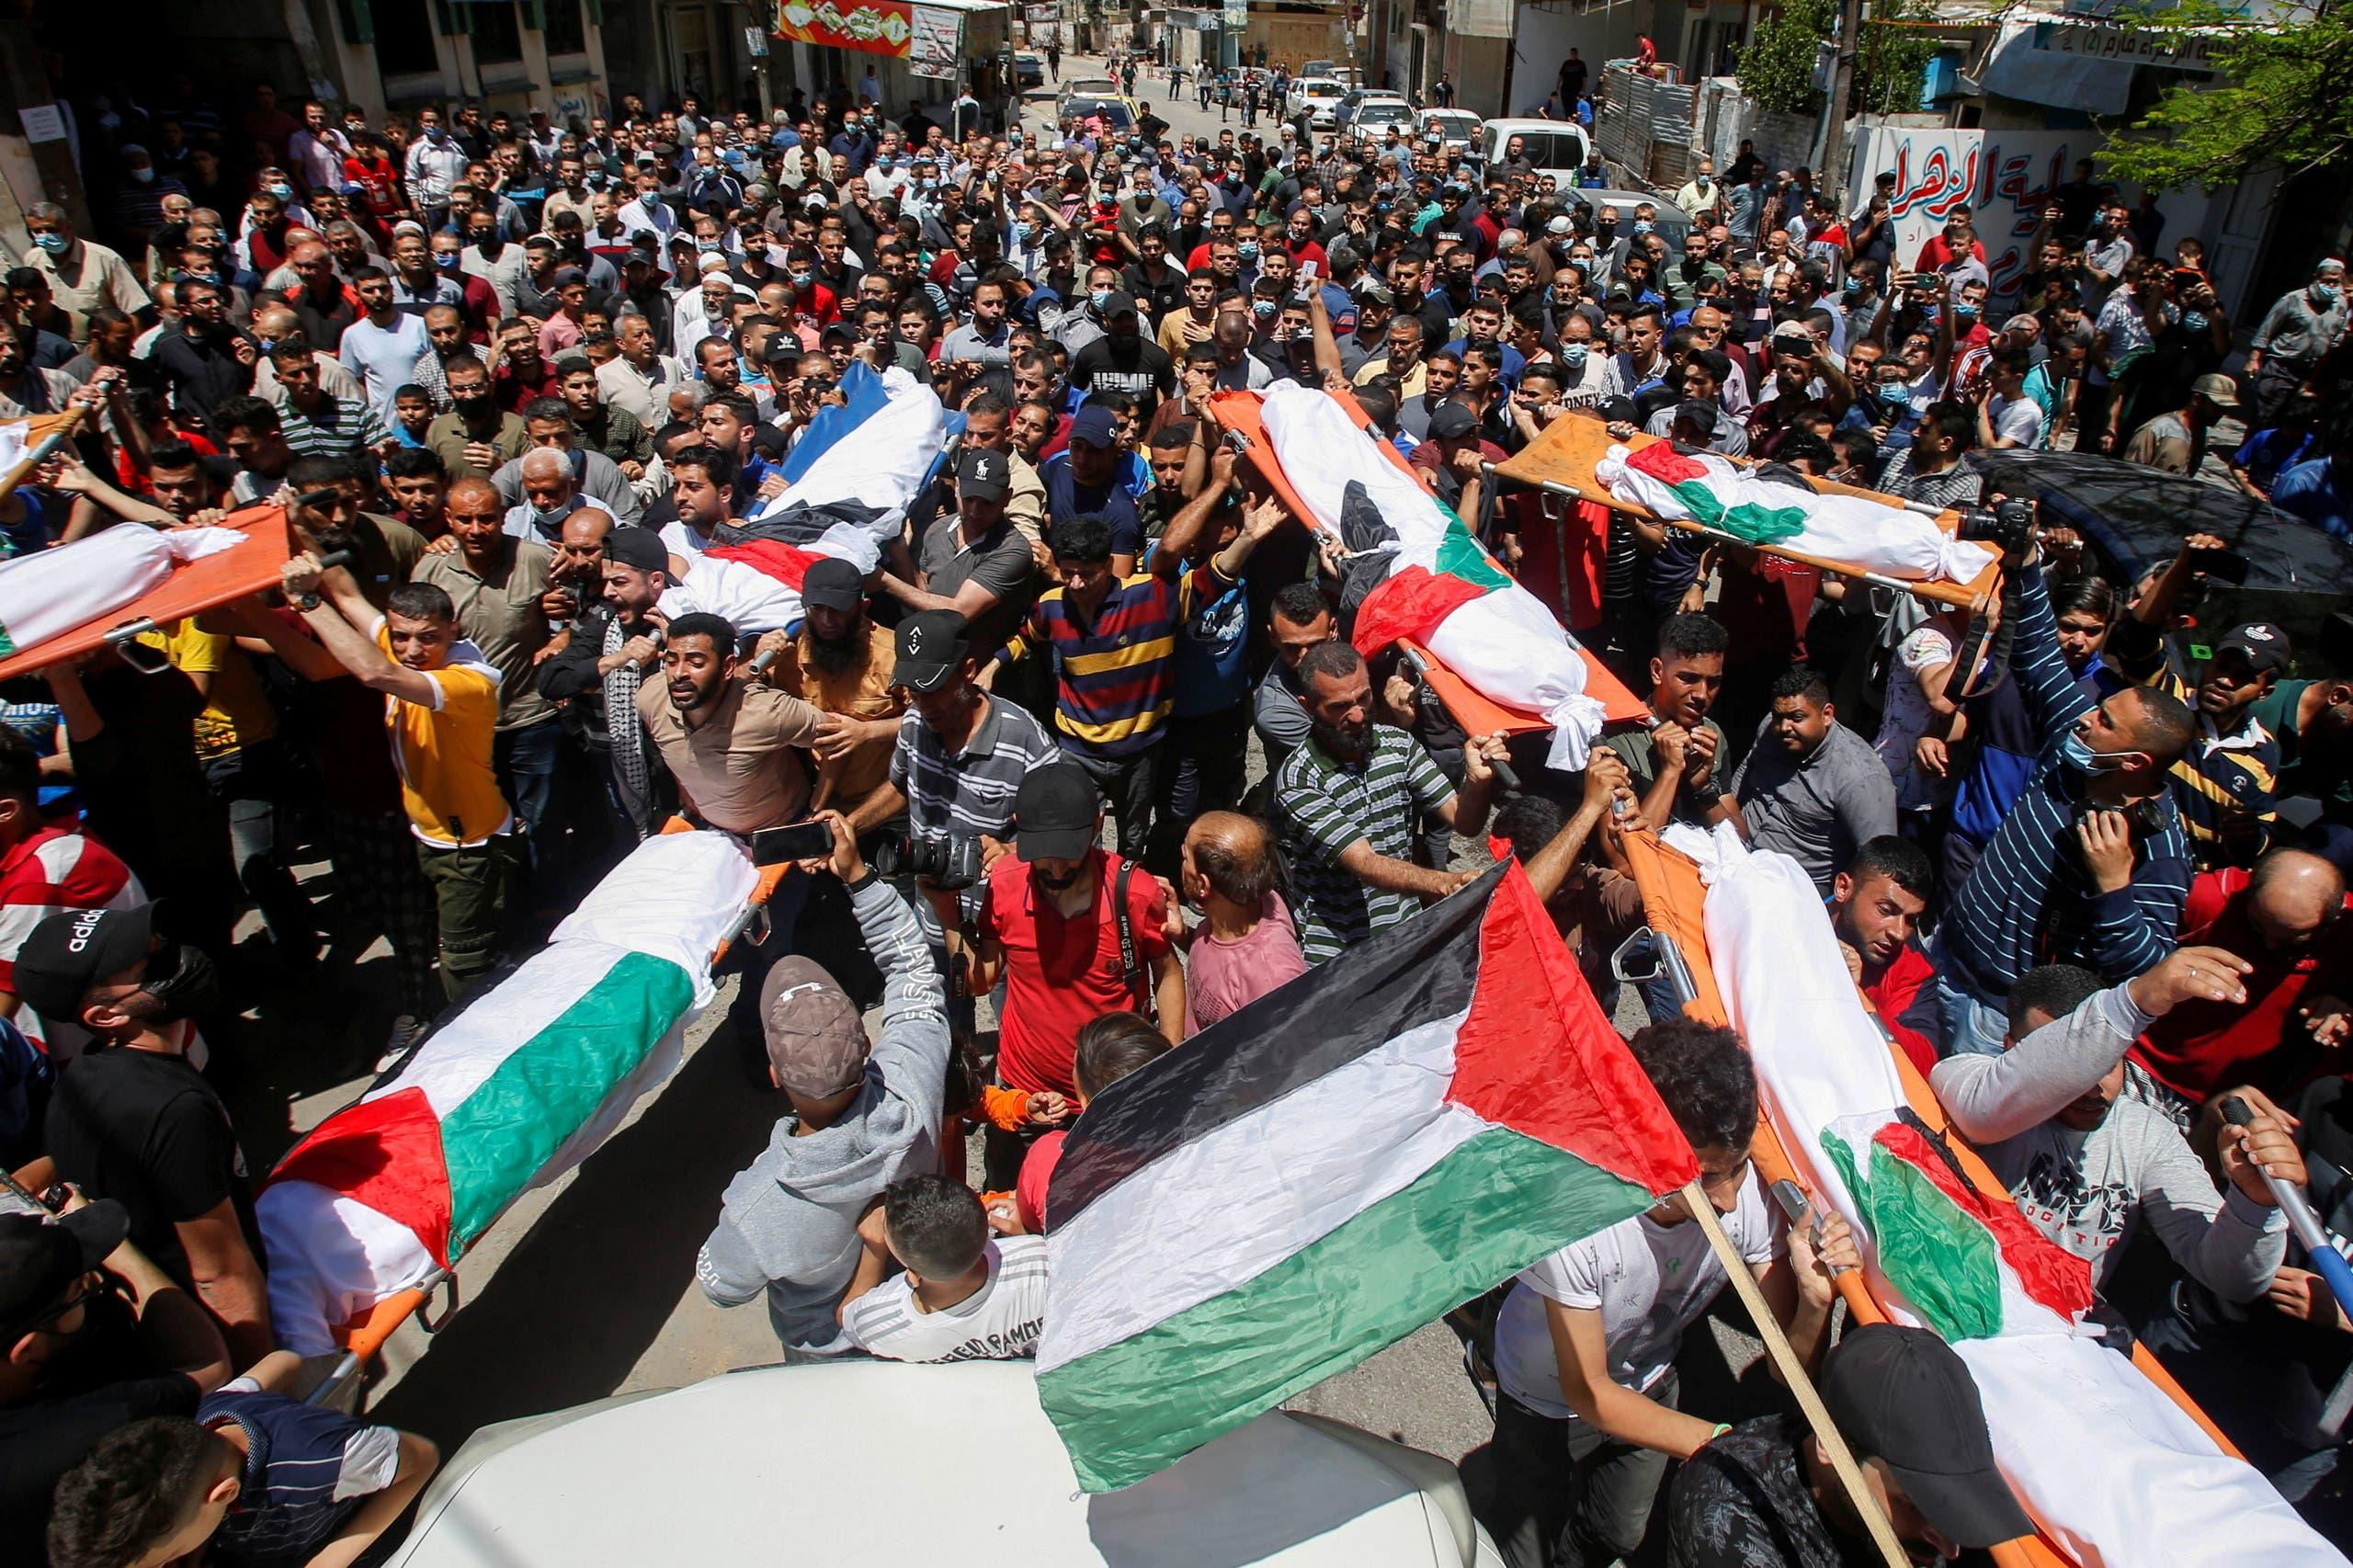 تشييع قتلى نتيجة القصف الإسرائيلي على غزة 15 مايو 2021 - رويترز